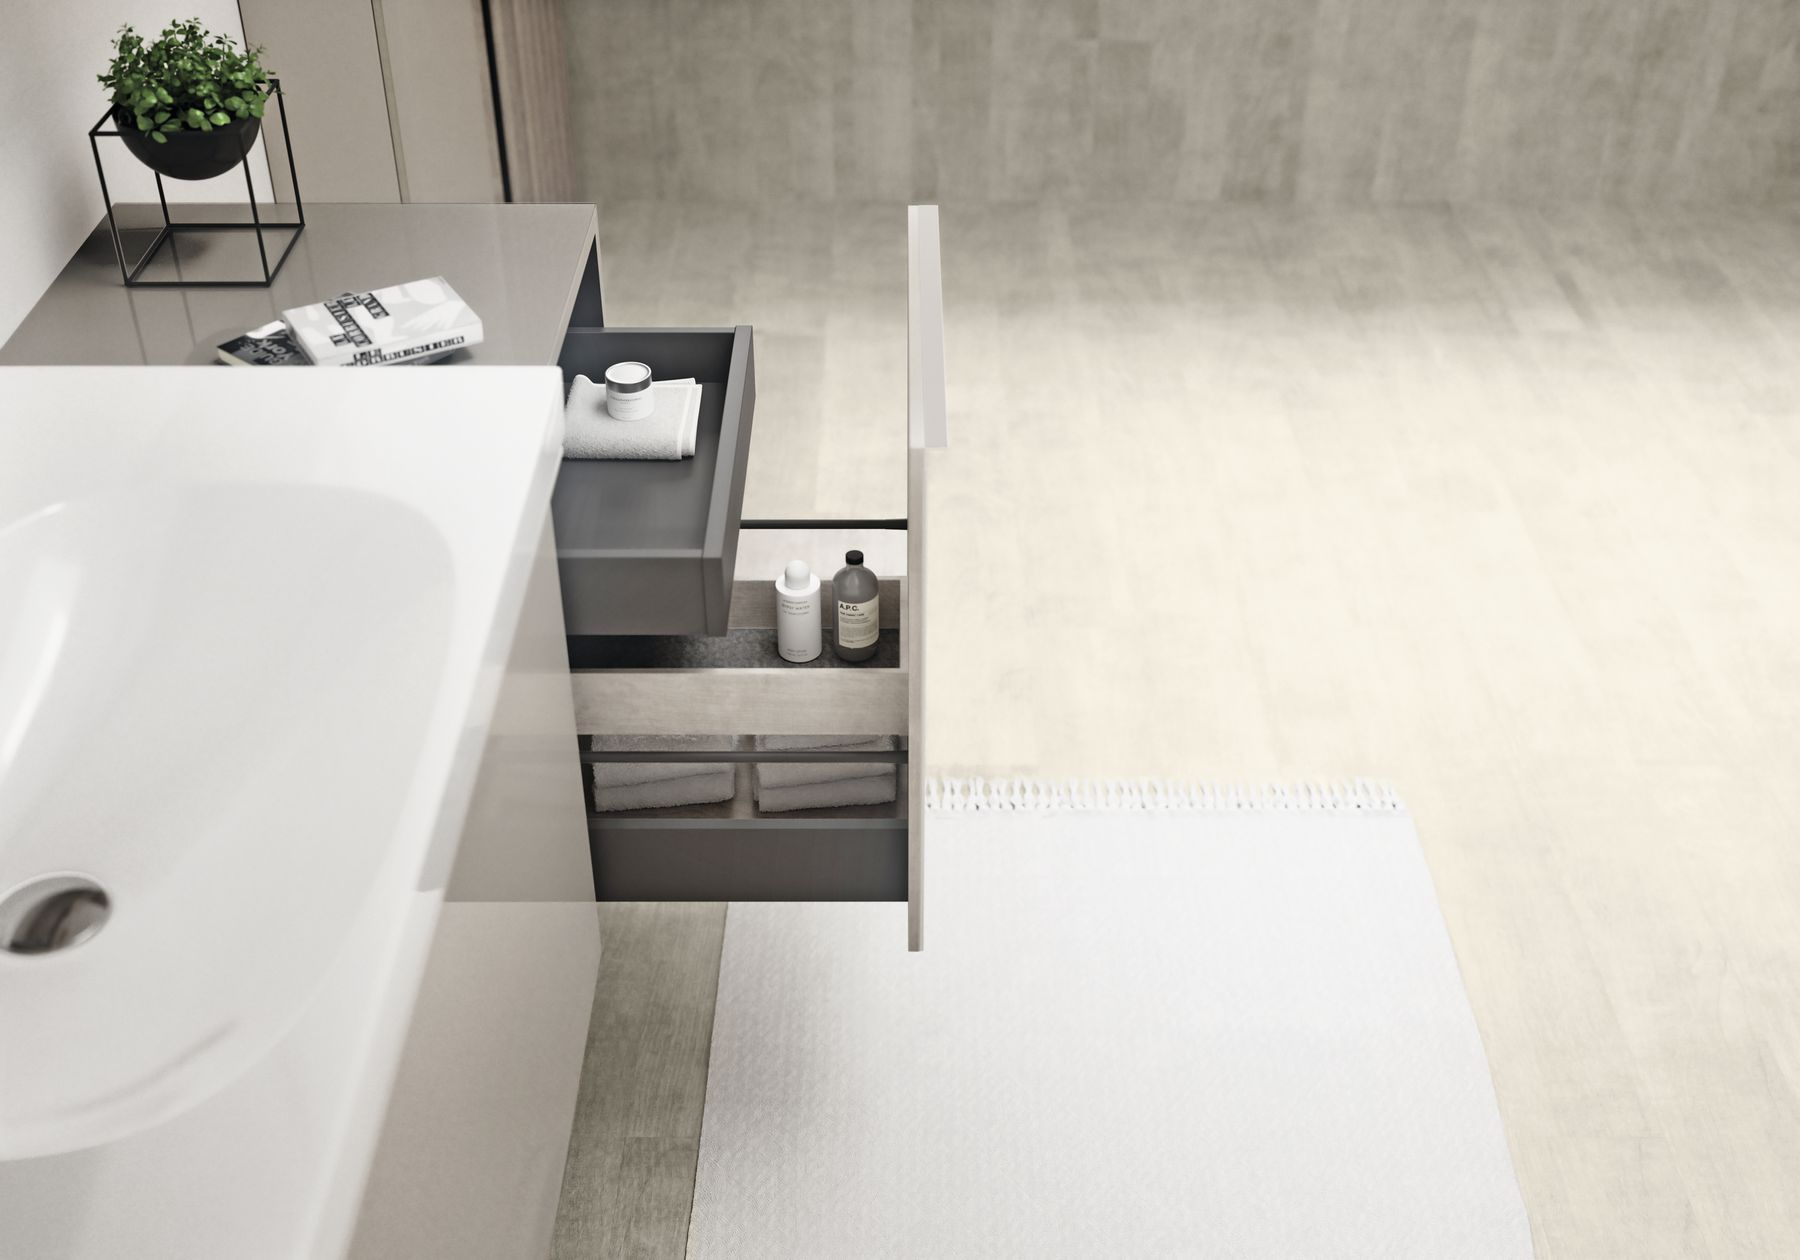 sphinx badkamerserie acanto product in beeld startpagina voor